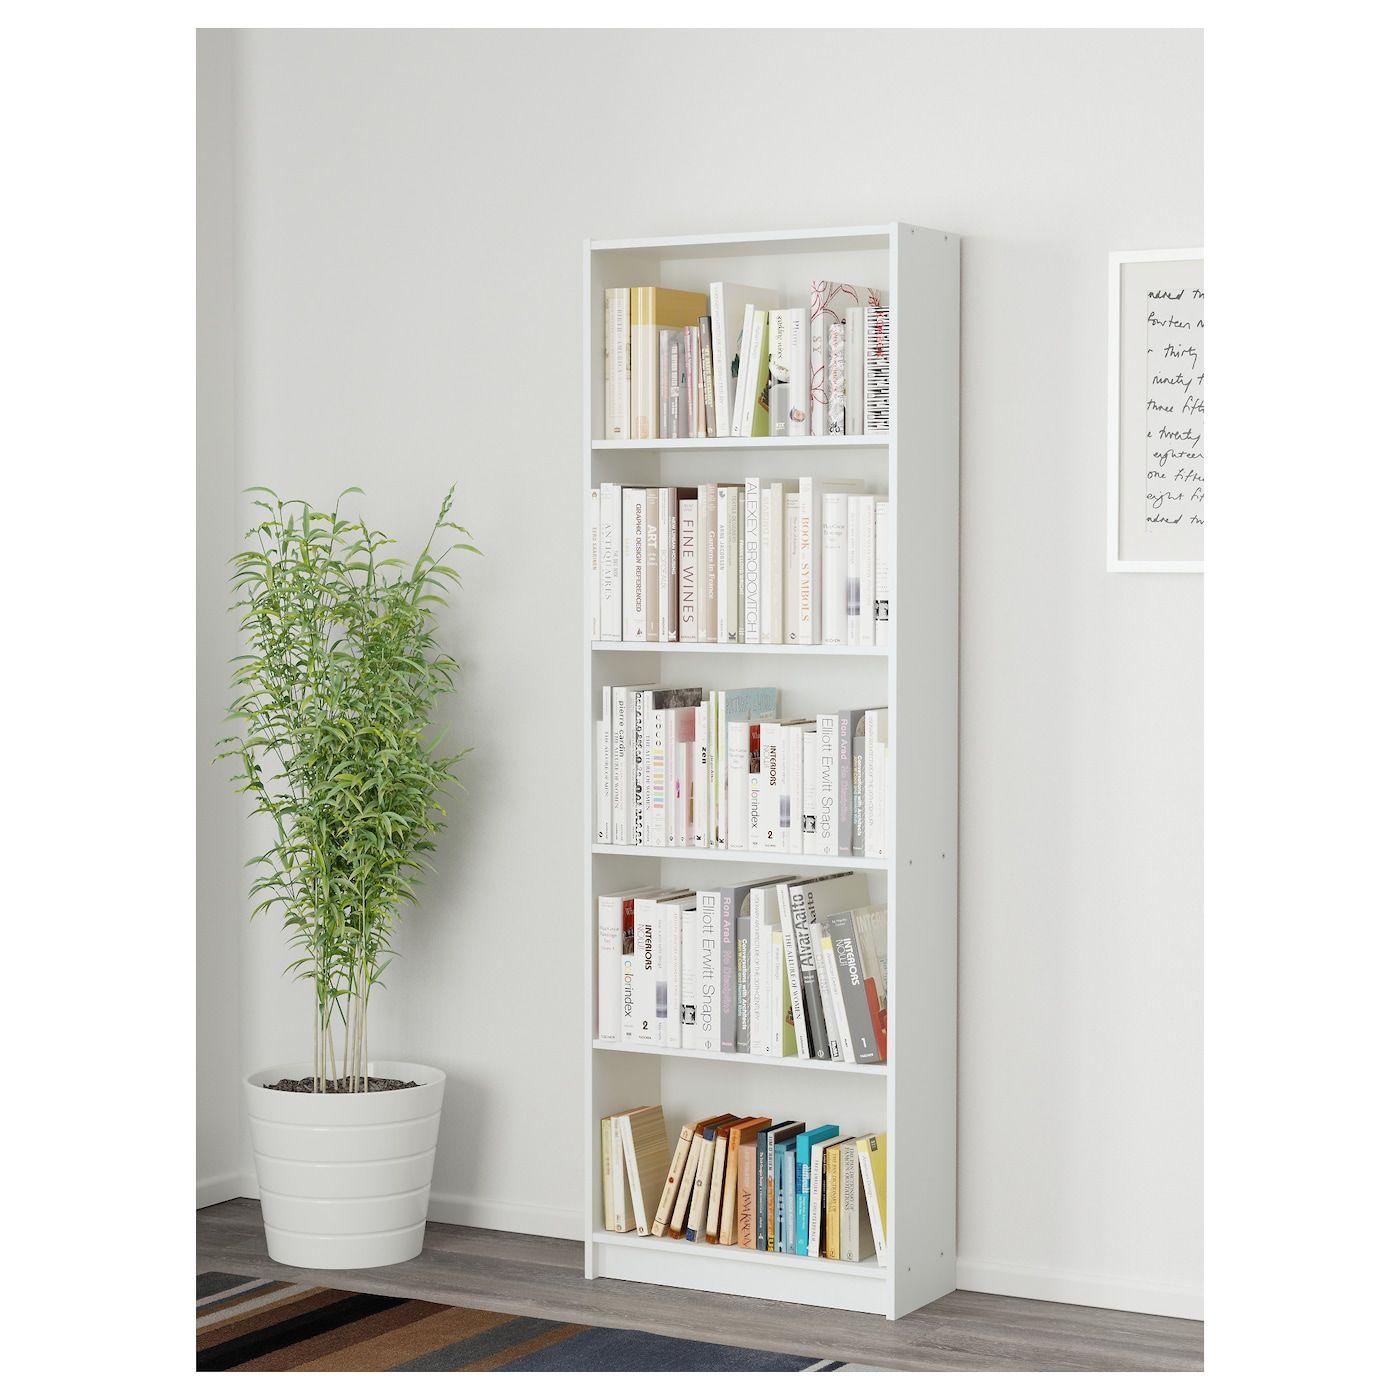 GERSBY white, Bookcase, 60x180 cm IKEA in 2020 | White